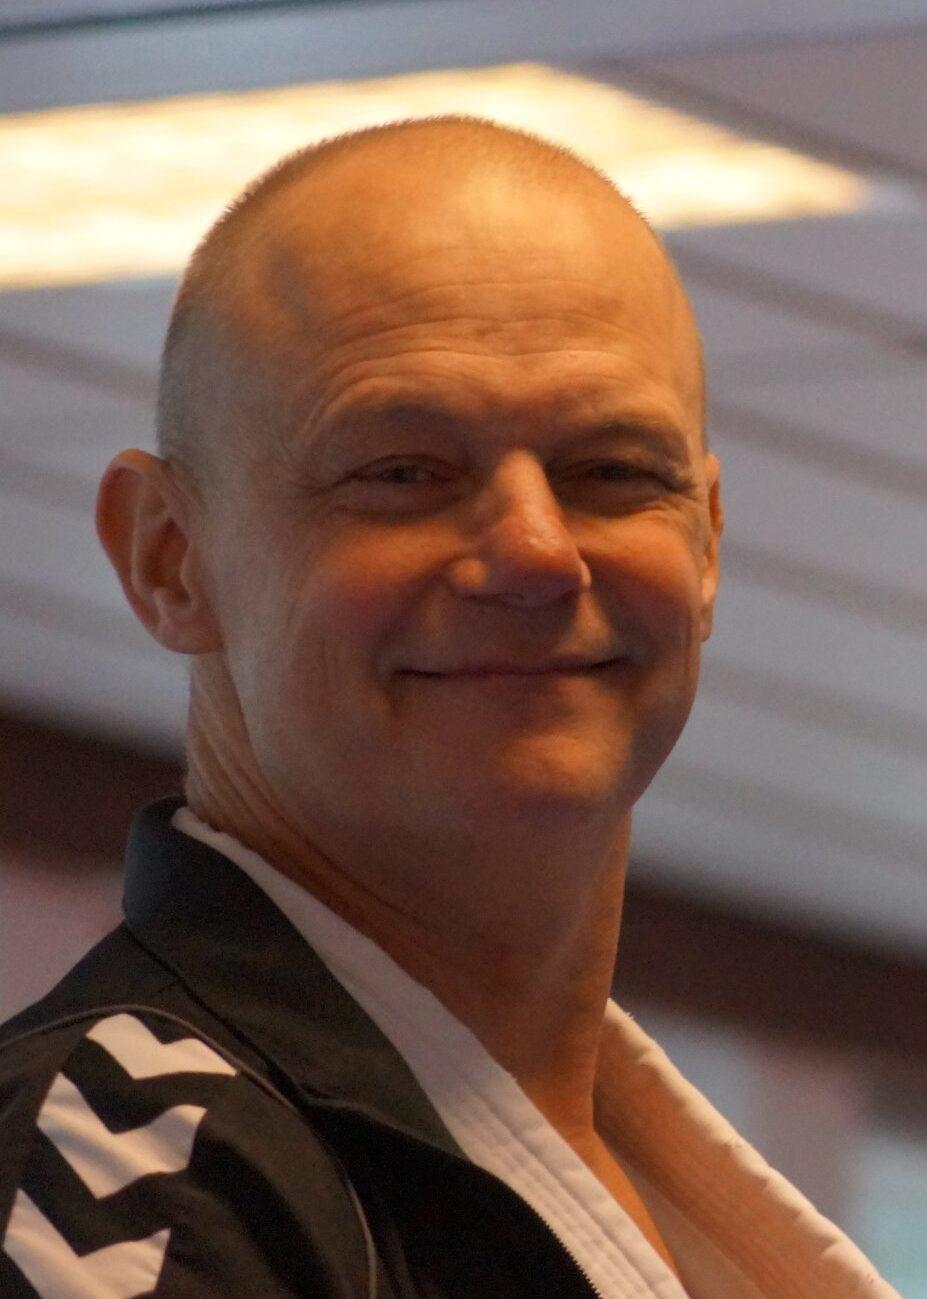 billede af en træner i klubben